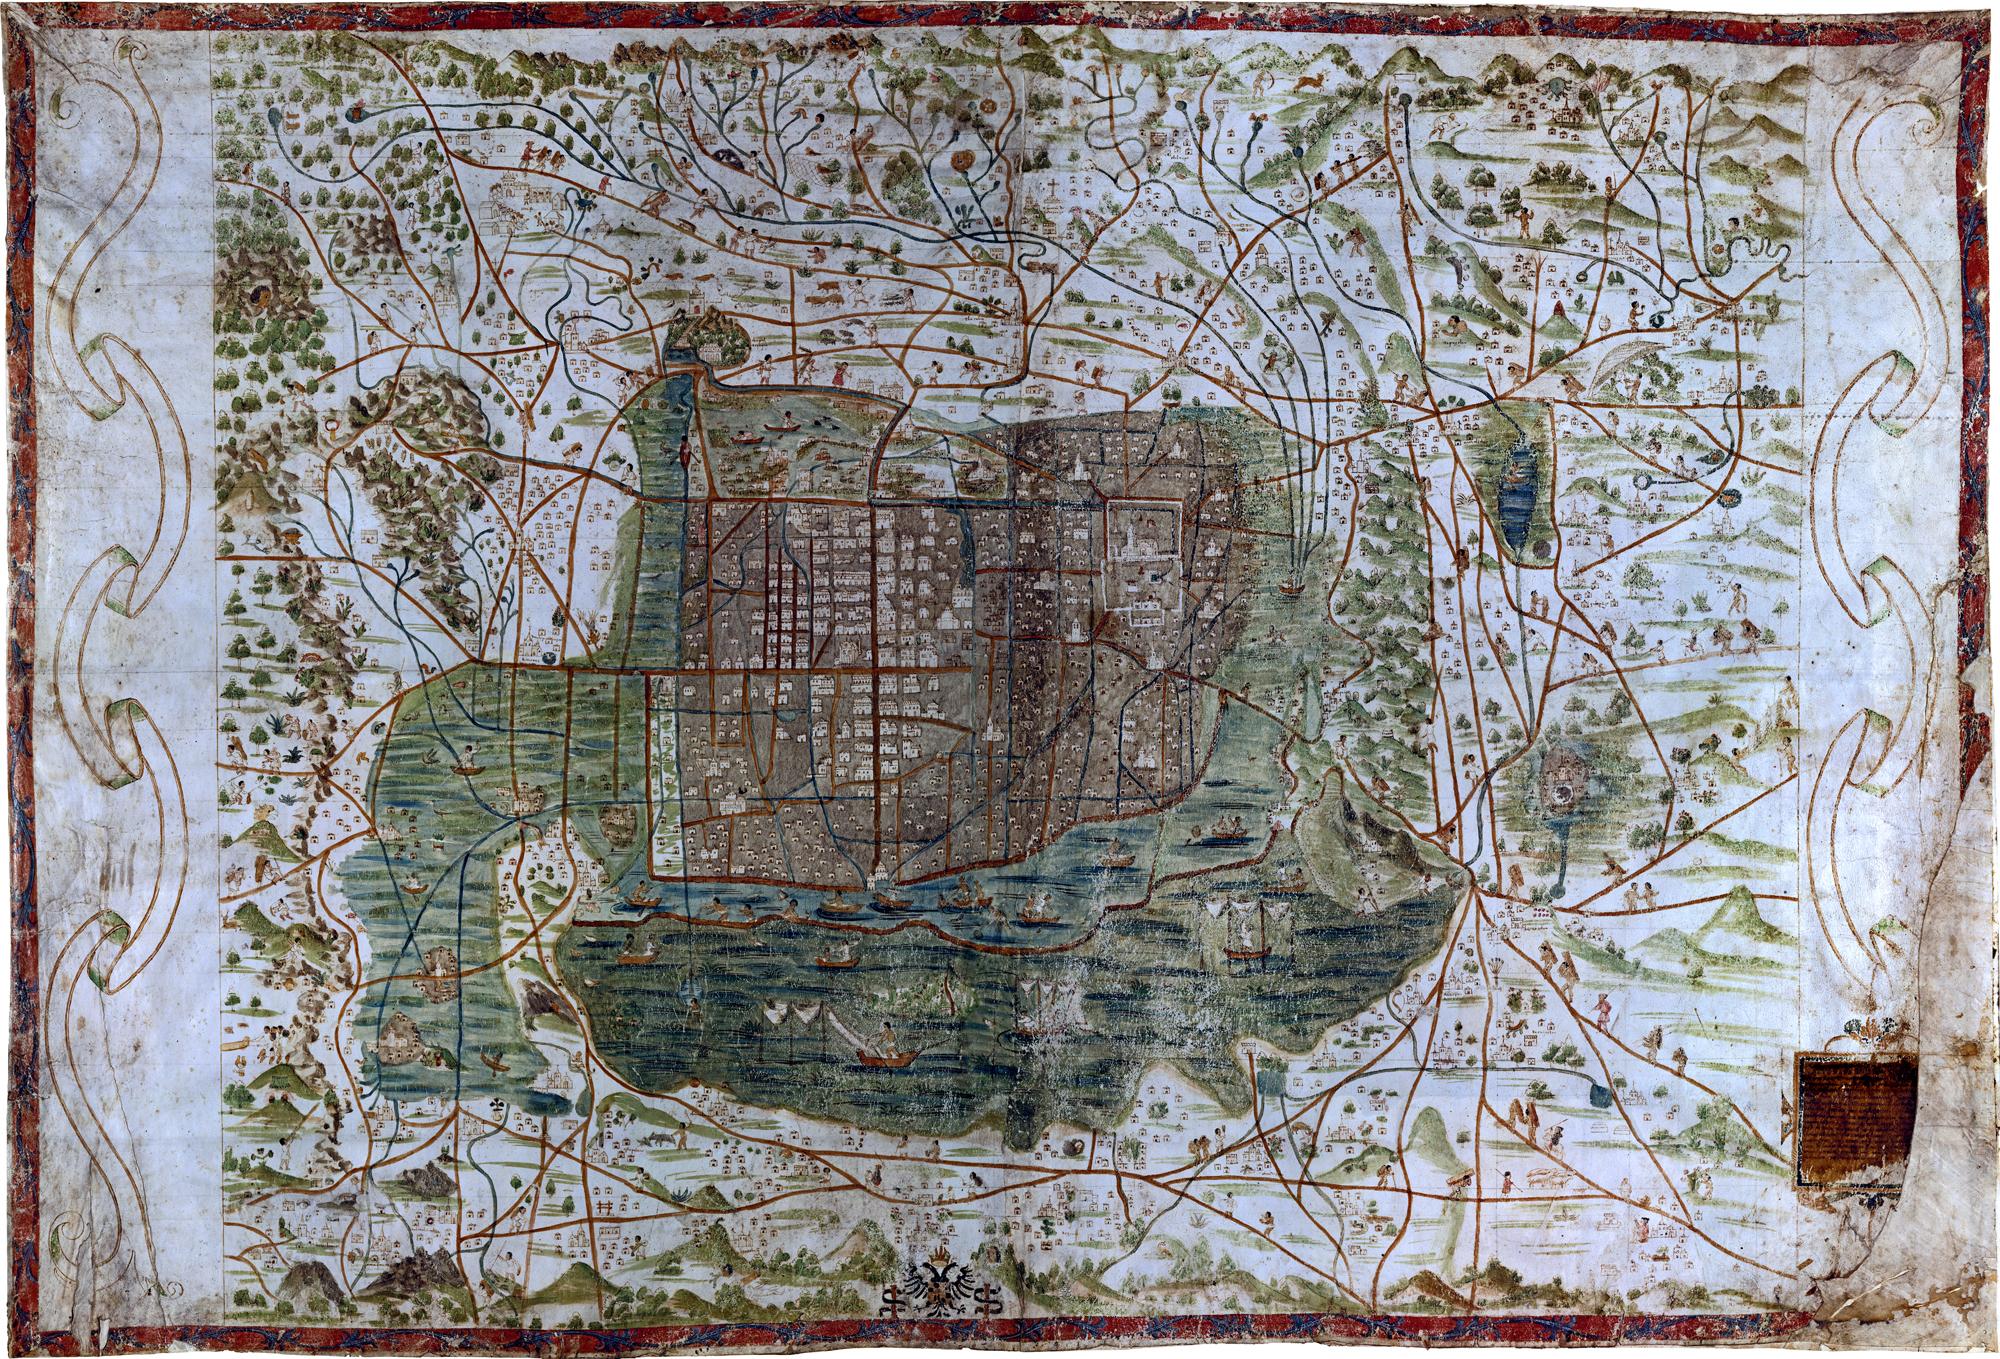 1555 Mapa Upsala Ciudad de México Santa Cruz Alonso de 101